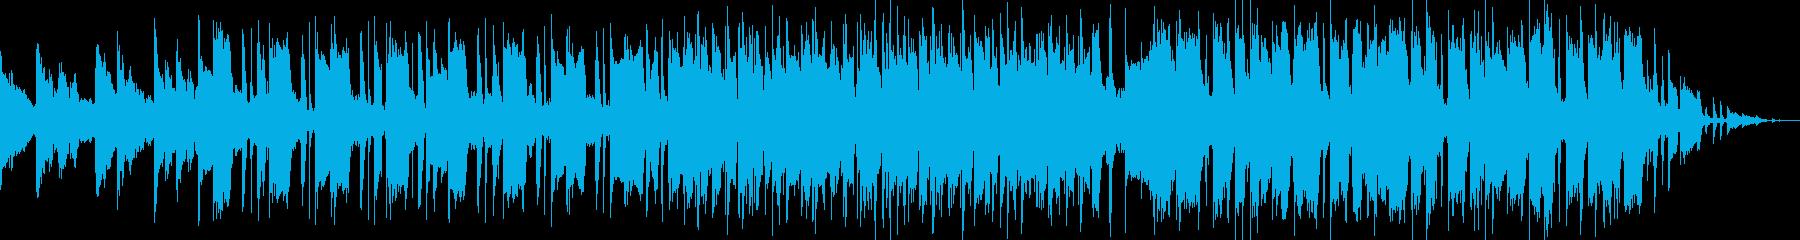 現代風シティポップの再生済みの波形